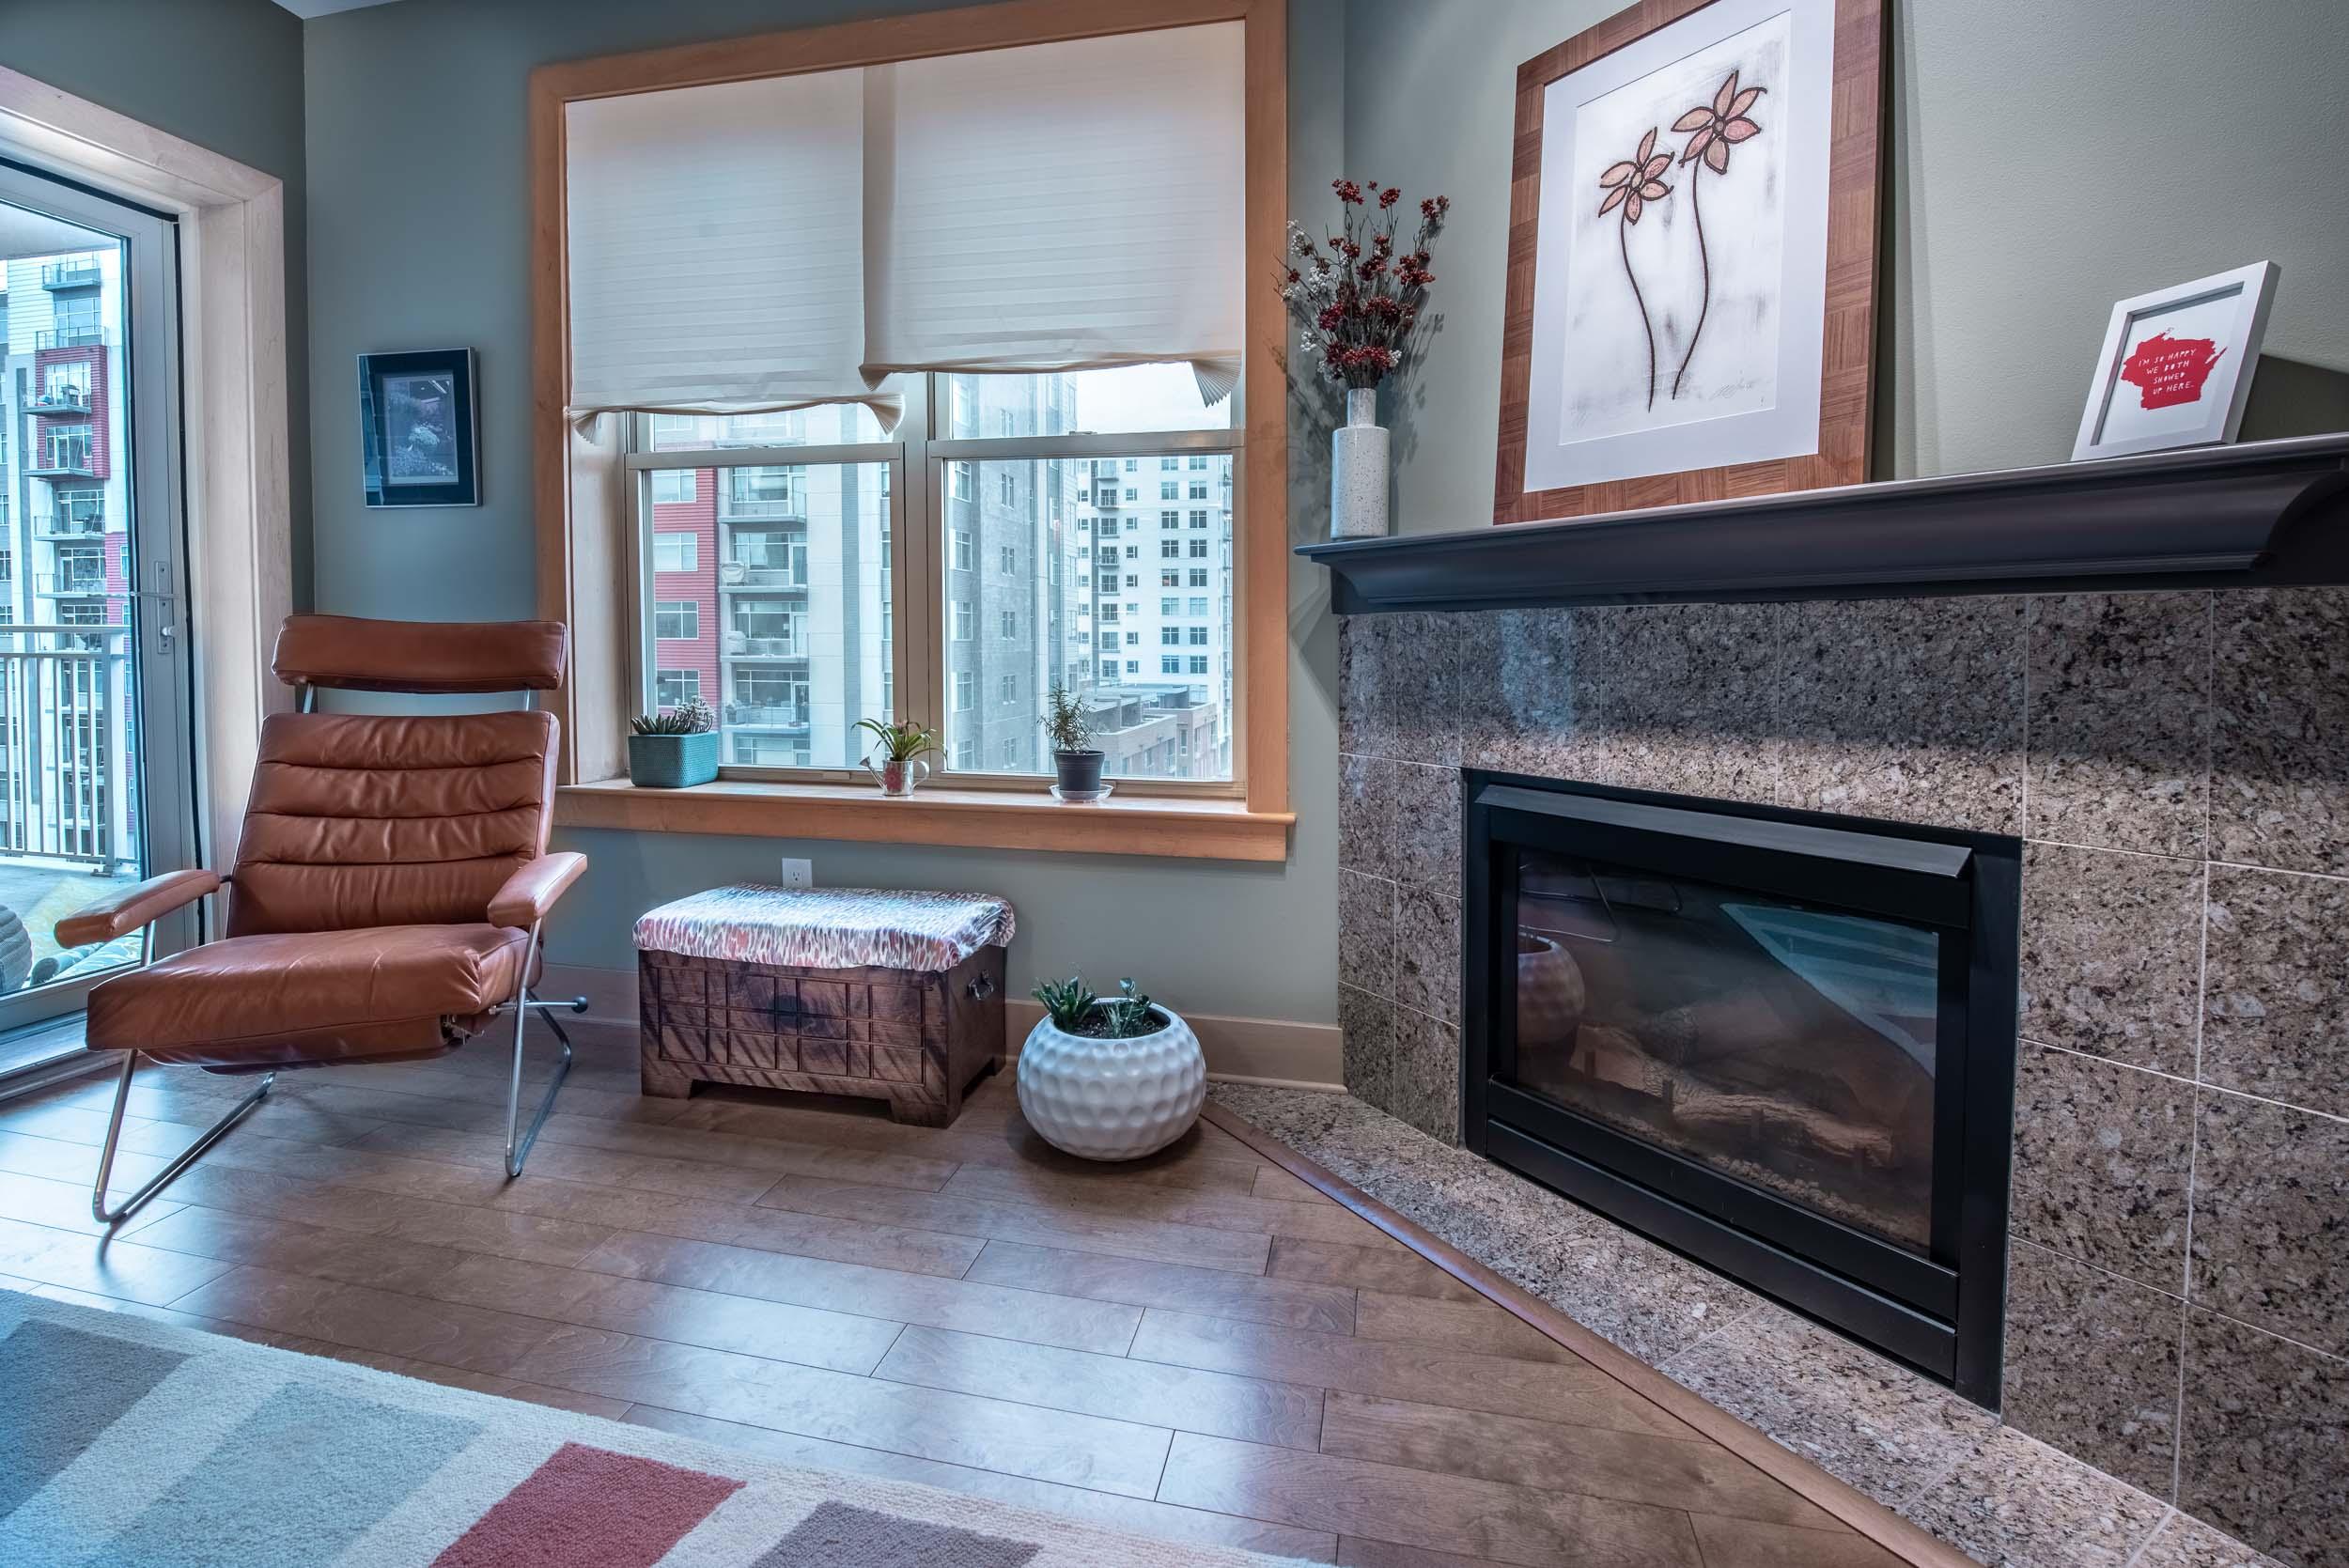 High-Rise Condominium Remodel in Madison, WI